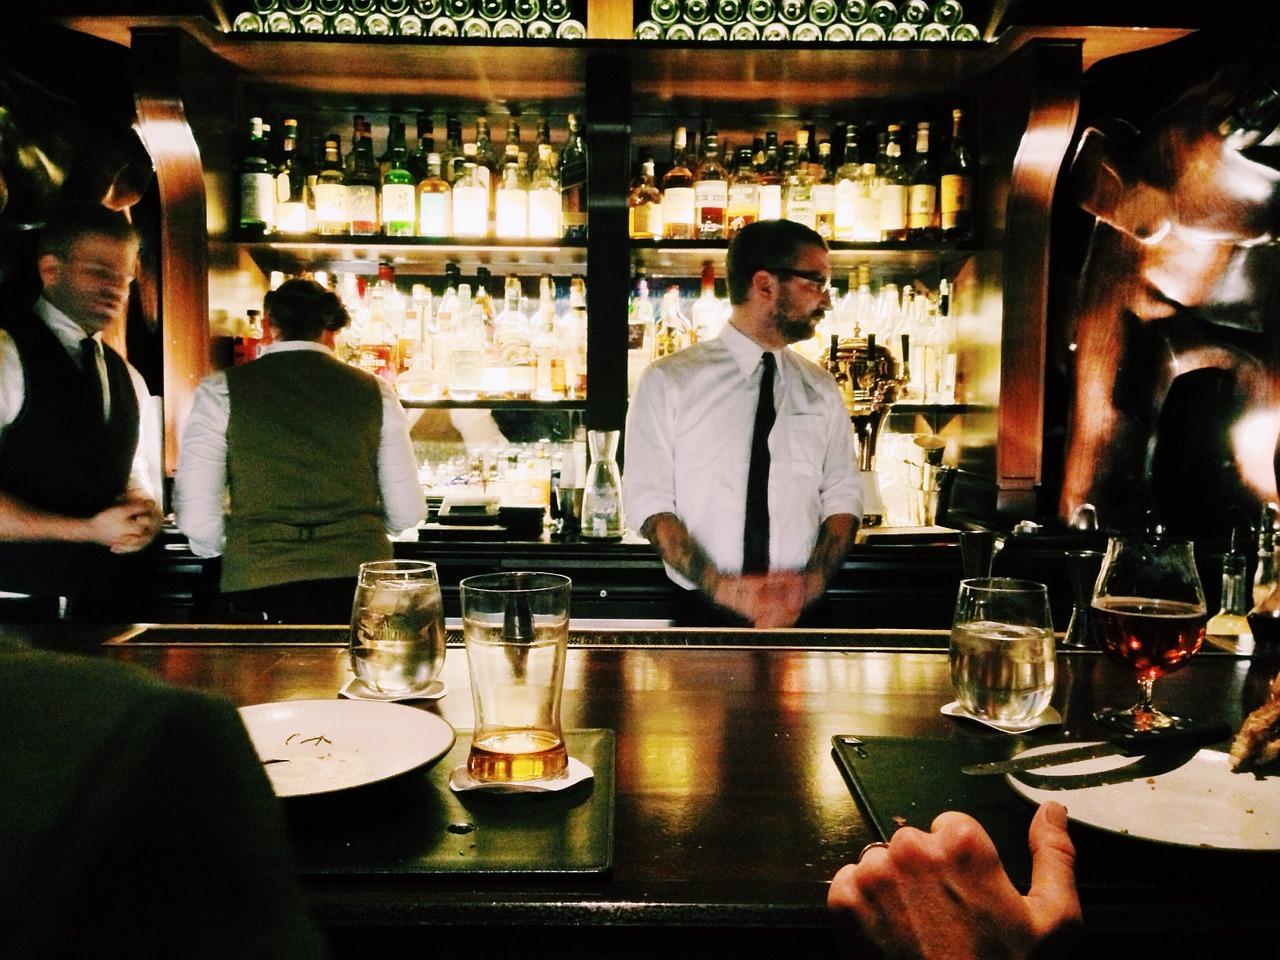 bigger tips for bartenders